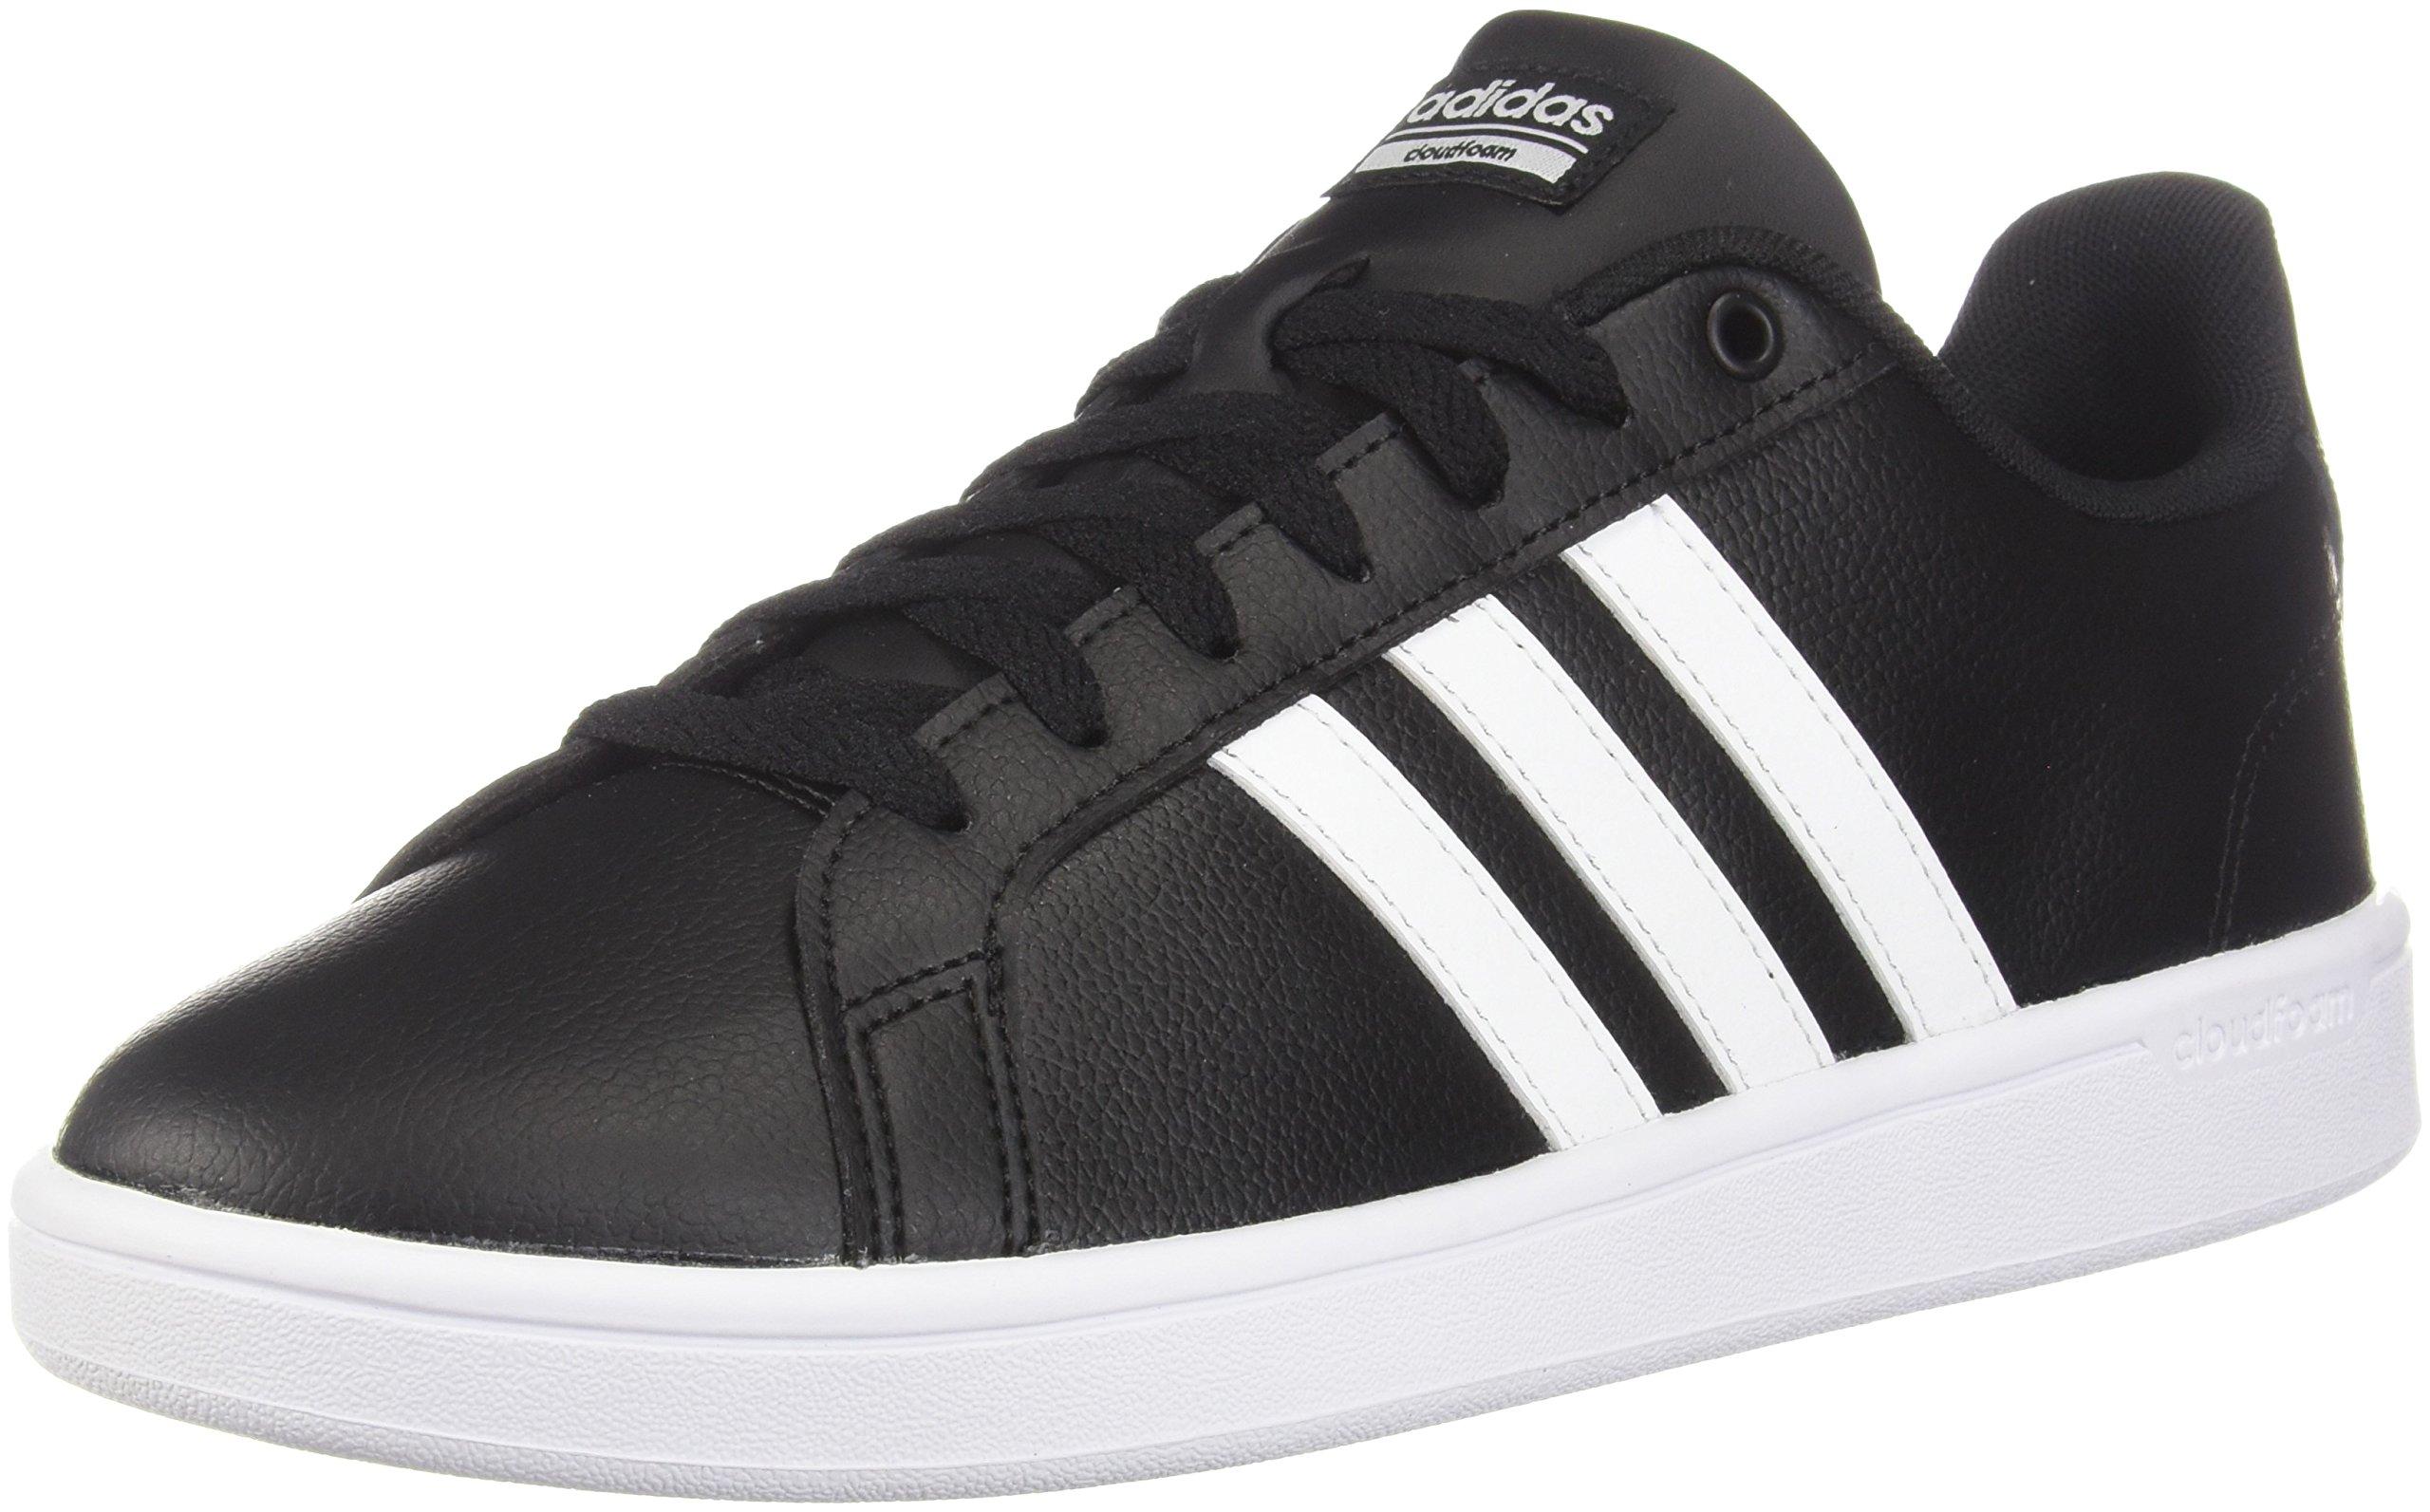 the best attitude 5dfe2 75fa1 Galleon - Adidas Women s Cf Advantage Sneaker White Black, 10.5 M US